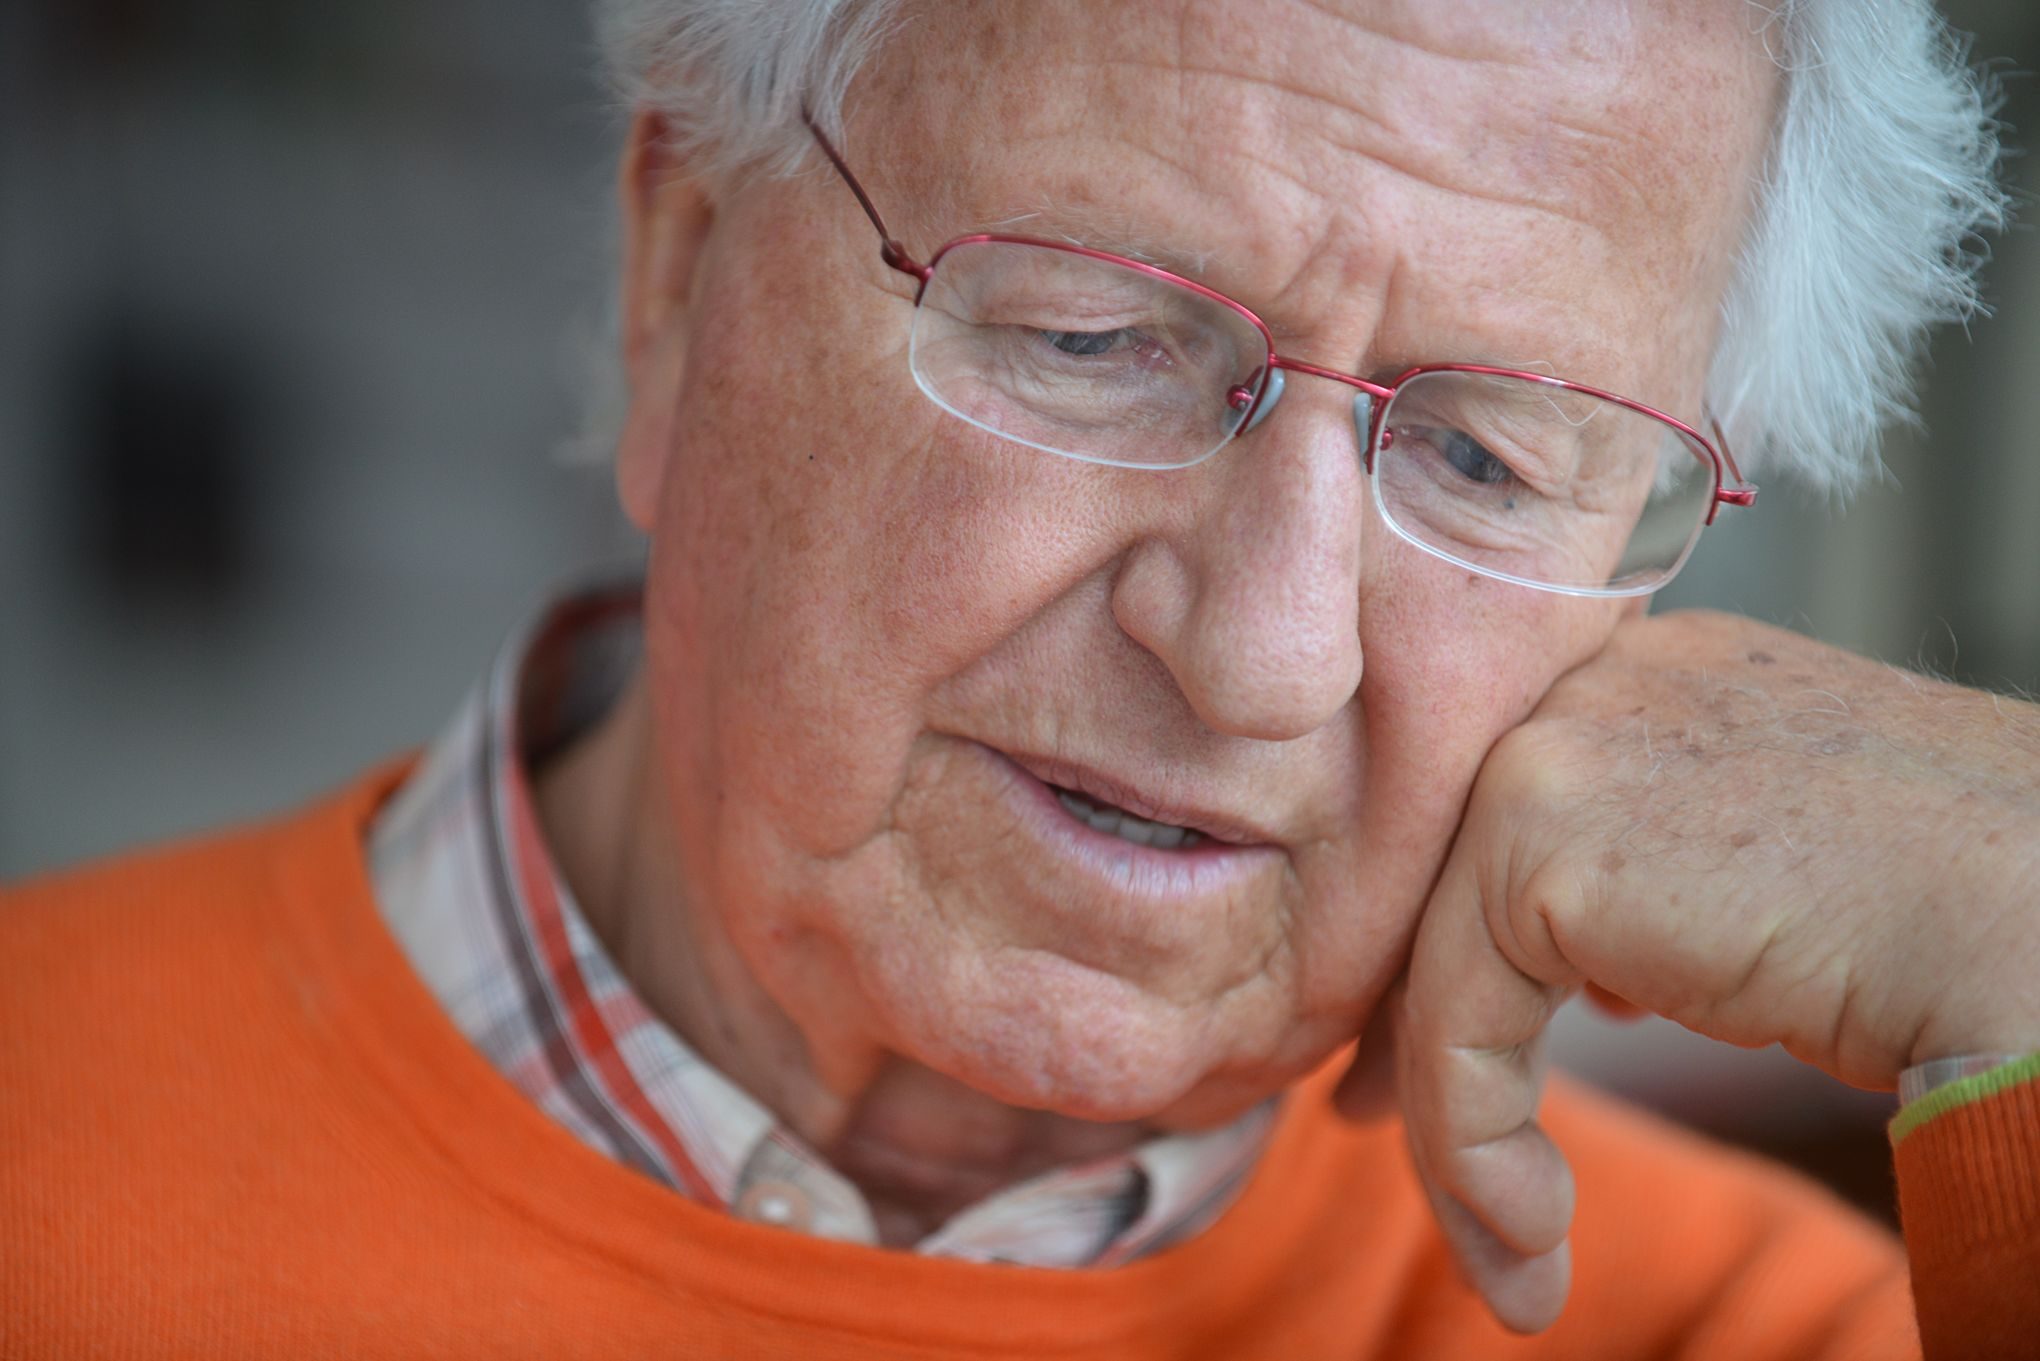 4 seniors sur 10 portent des lunettes inadaptées